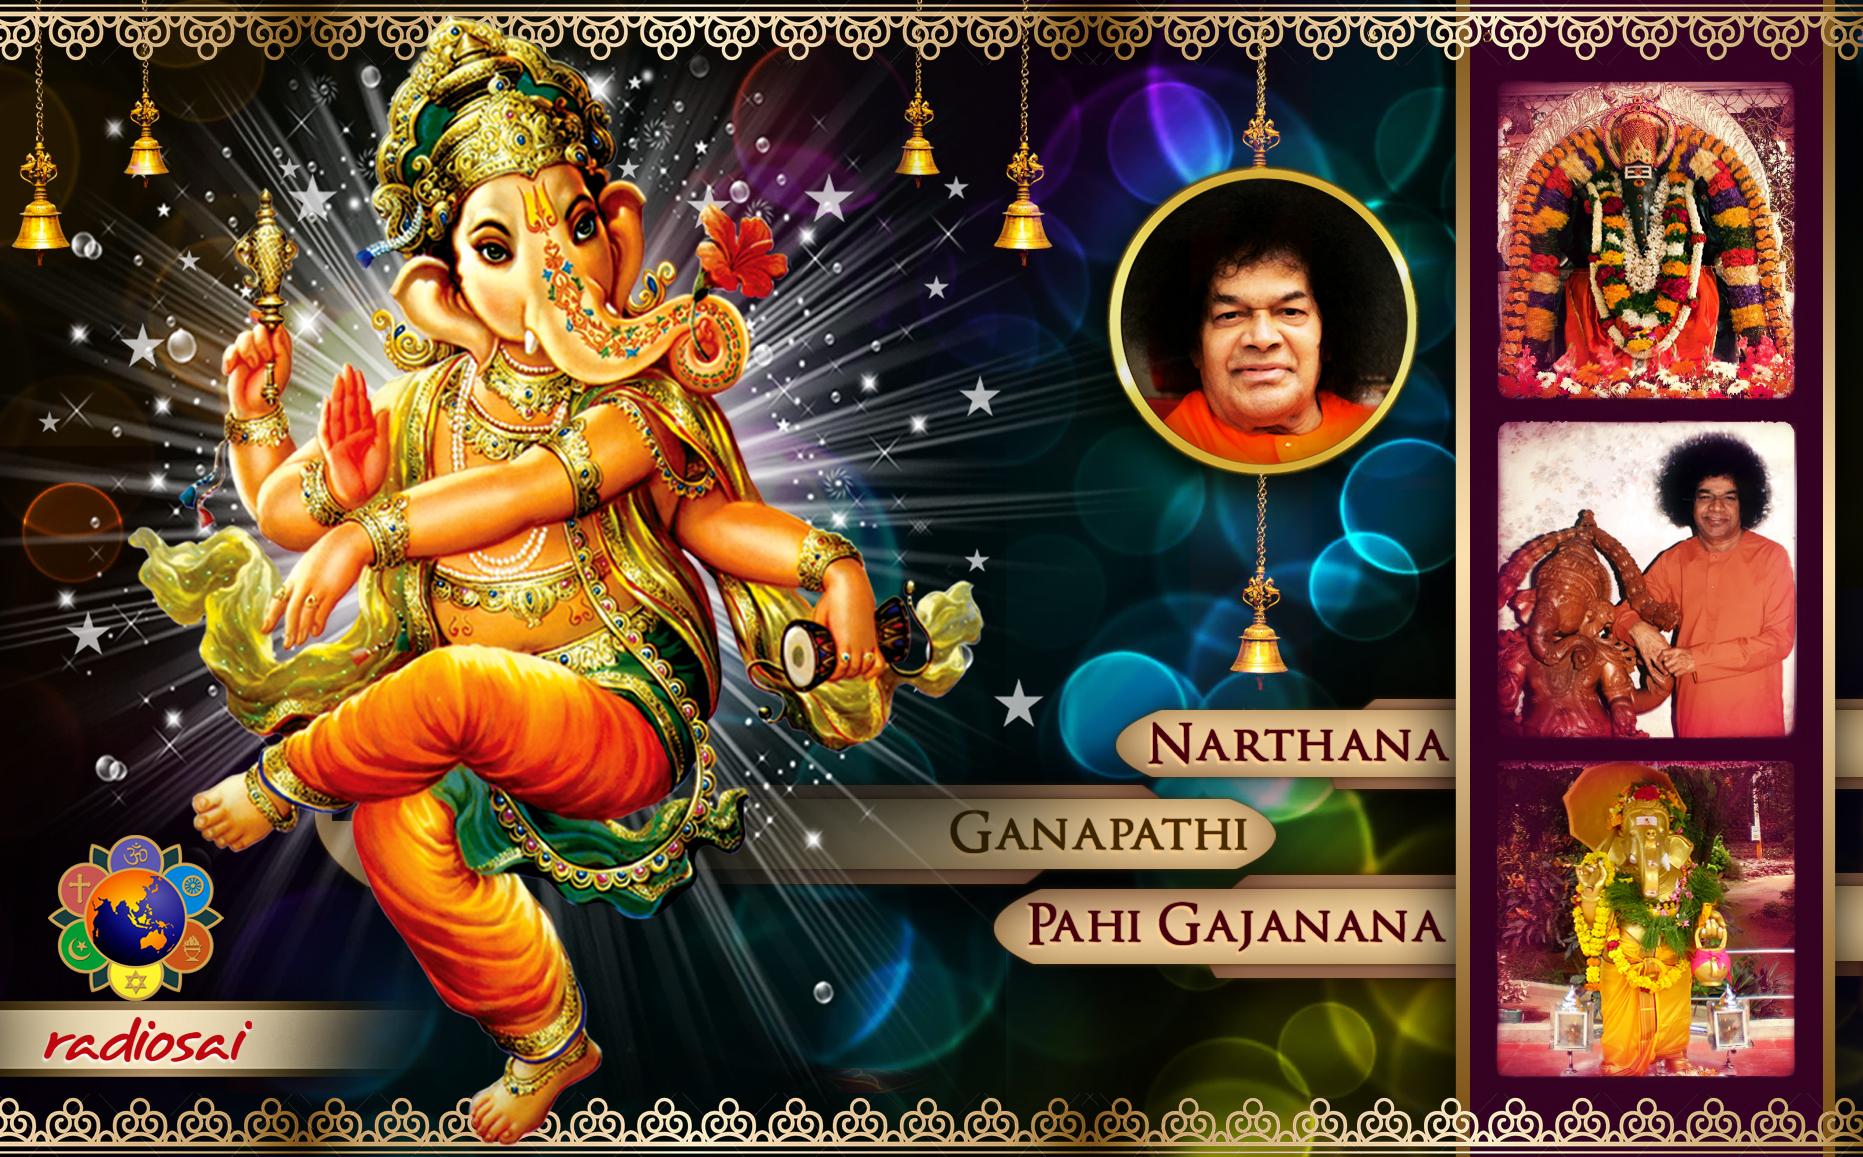 Ganapathi-Radiosai-wallpaper-2014-01